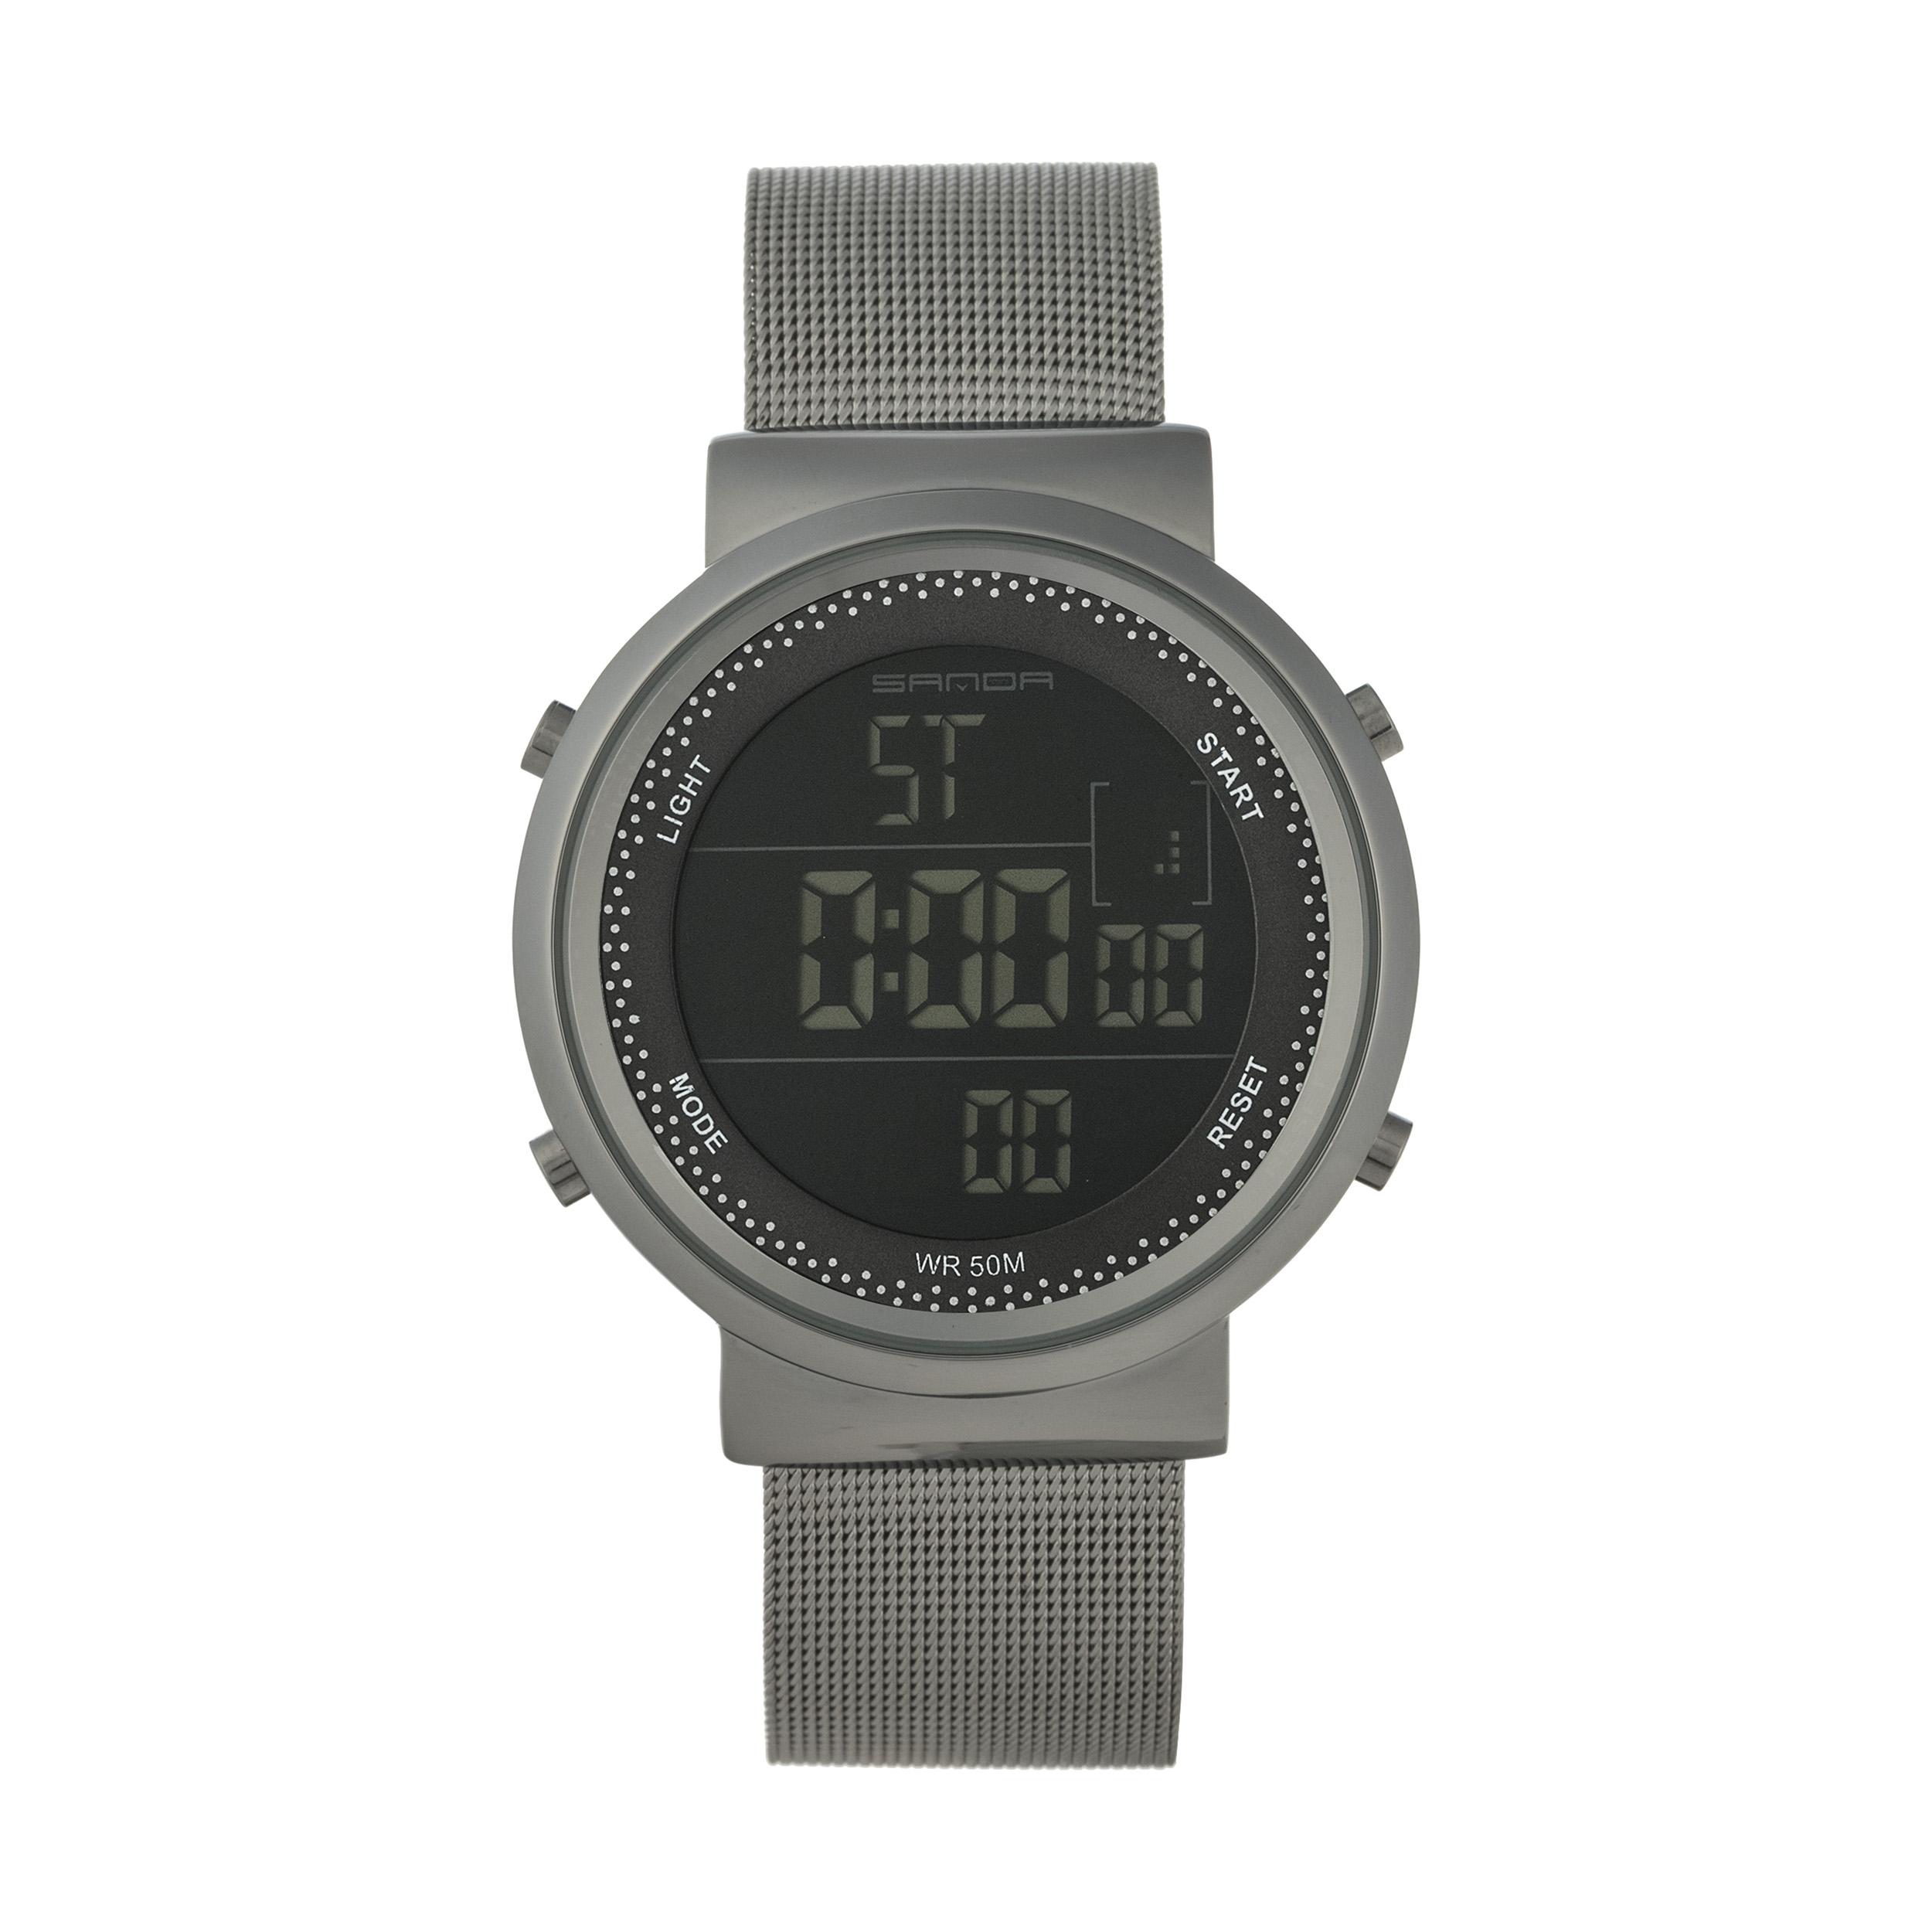 خرید ساعت مچی دیجیتال زنانه ساندا مدل CR2016-384-N به همراه دستمال مخصوص نانو برند کلیر واچ